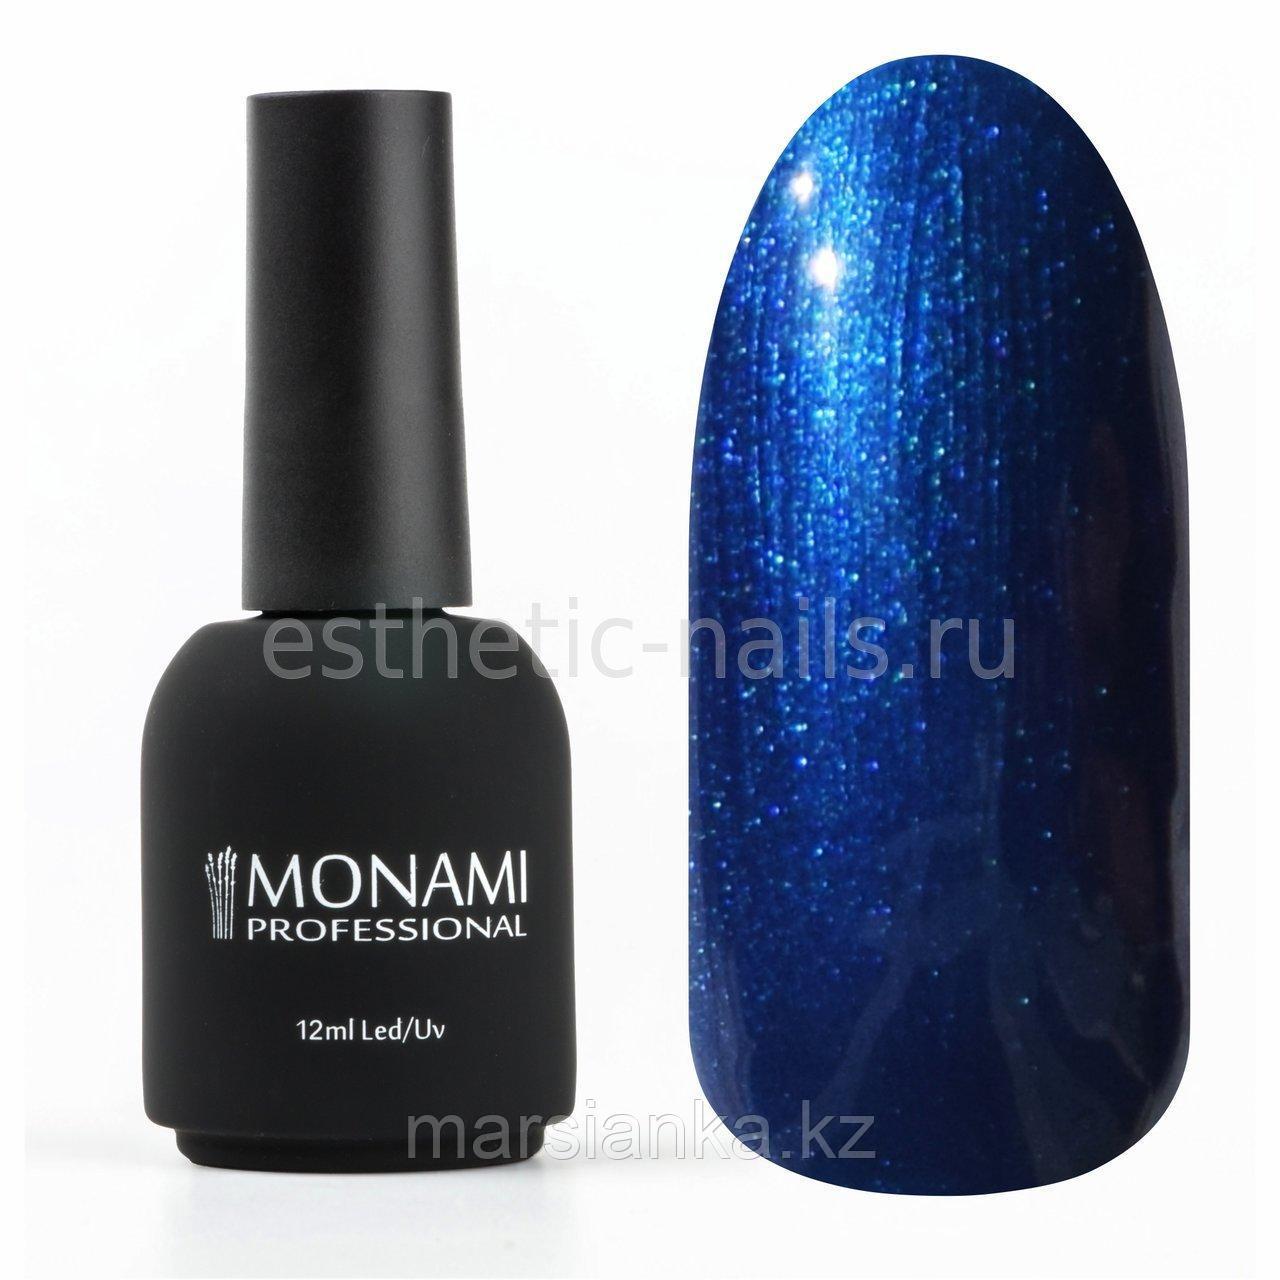 Гель-лак Monami Purl 06, 12мл